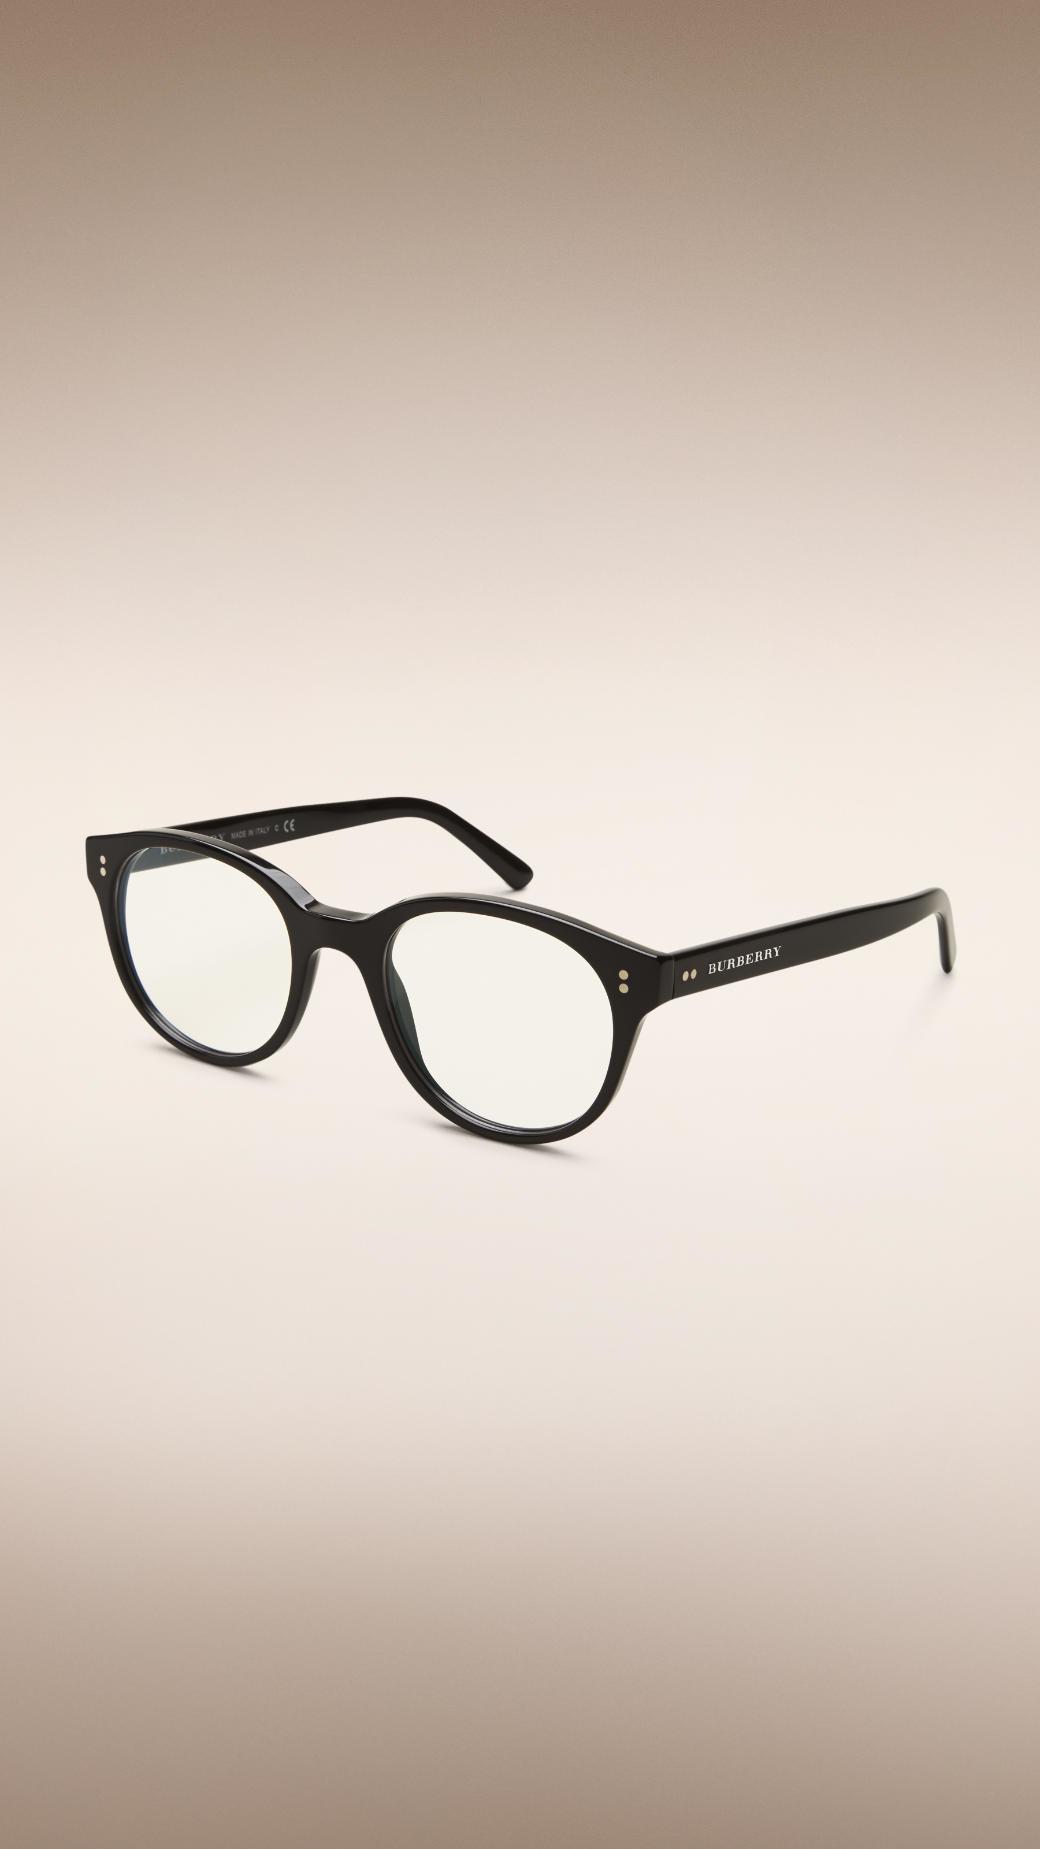 Burberry Eyeglass Frames 2015 : Burberry Round Optical Frames Black in Black for Men Lyst